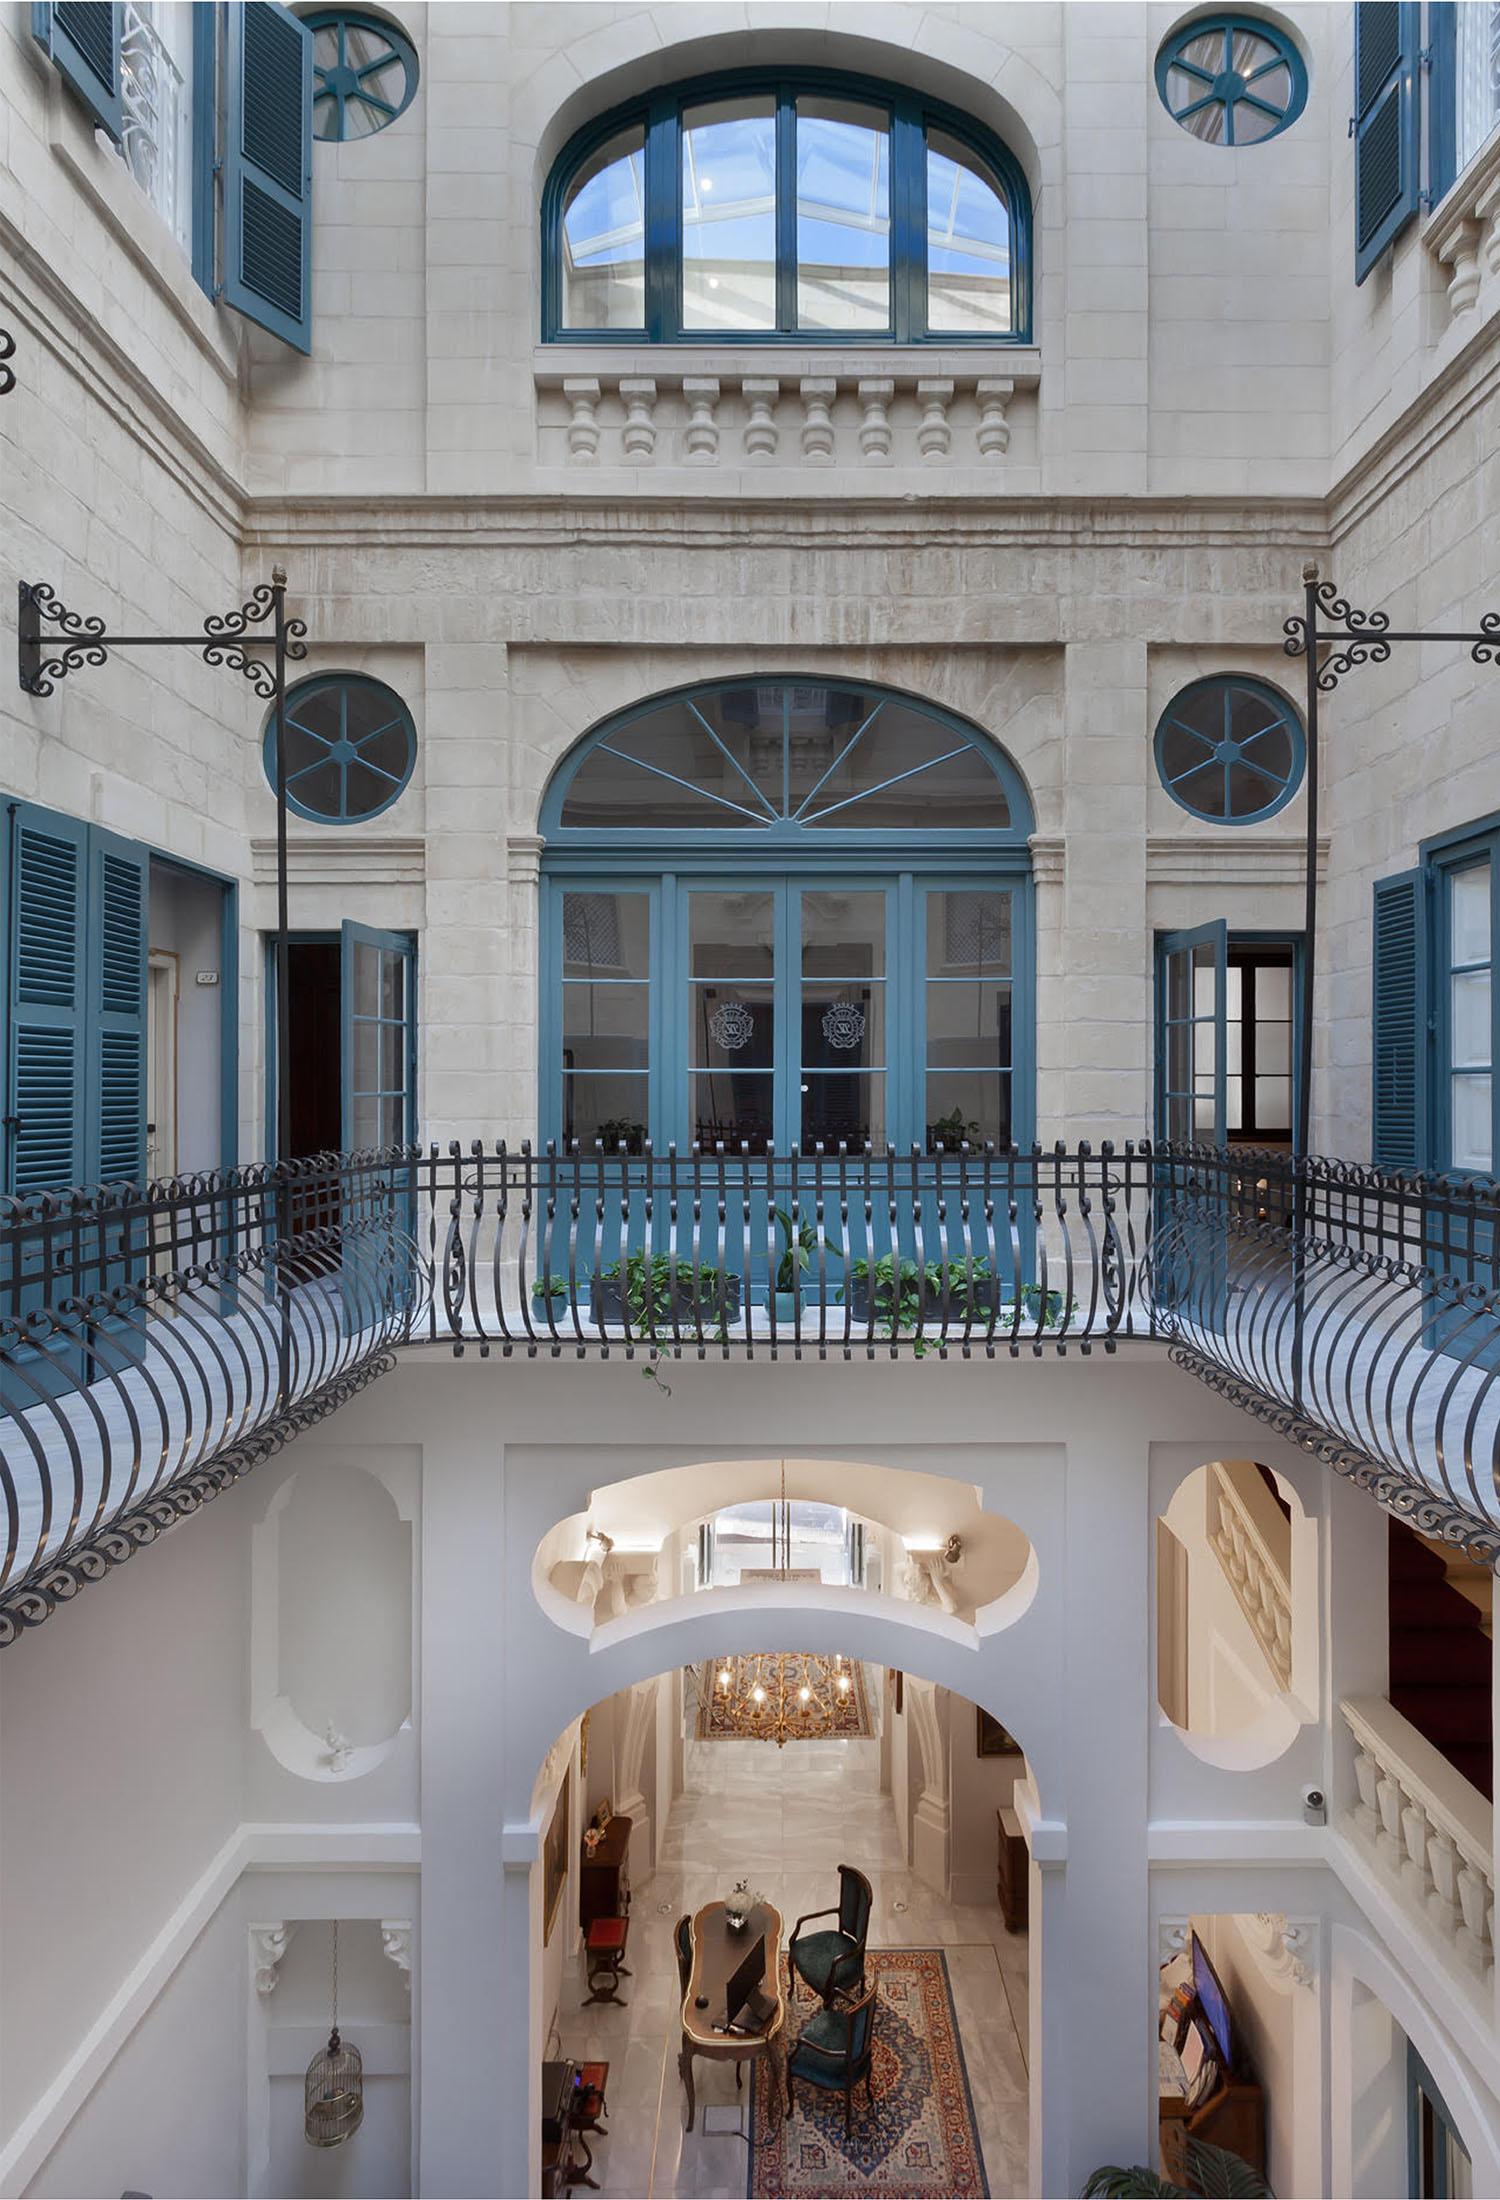 Domus Zamittello Interior post restoration Domus Zamittello Hotel